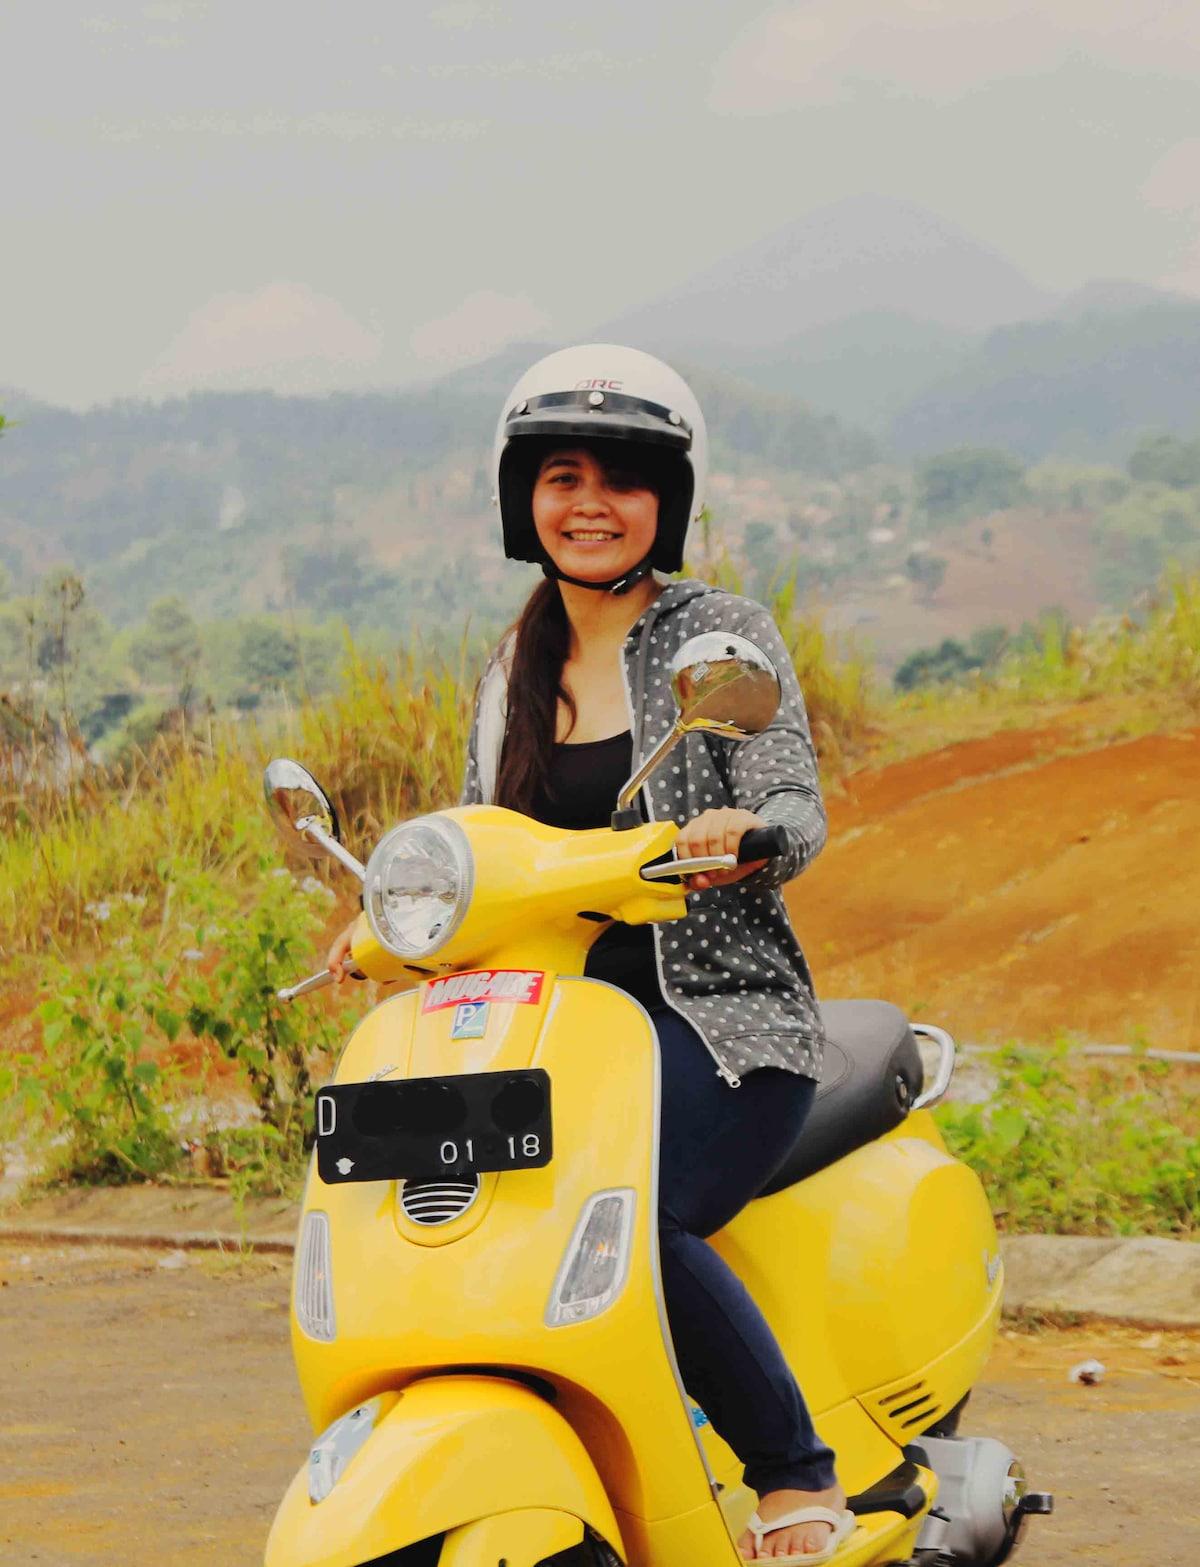 Aisah from Bandung